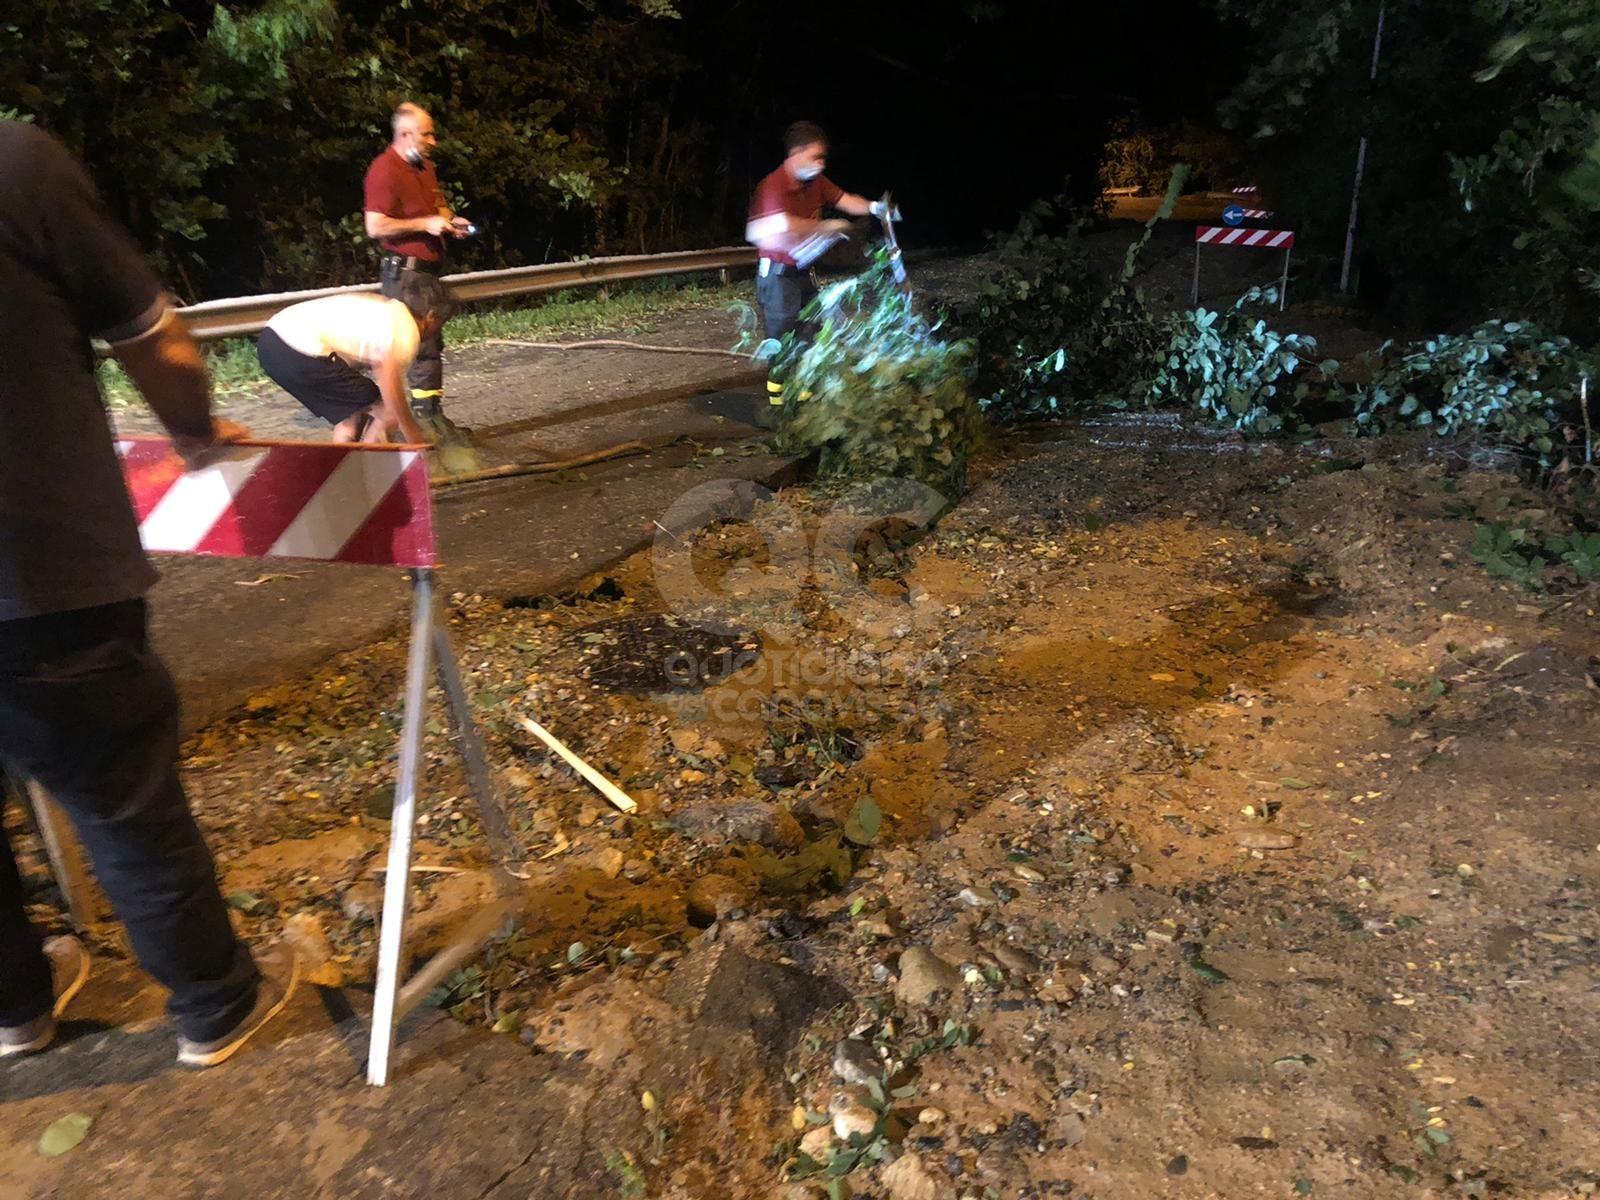 CANAVESE - Violento temporale nella zona di Cuorgnè: diversi interventi dei vigili del fuoco - FOTO